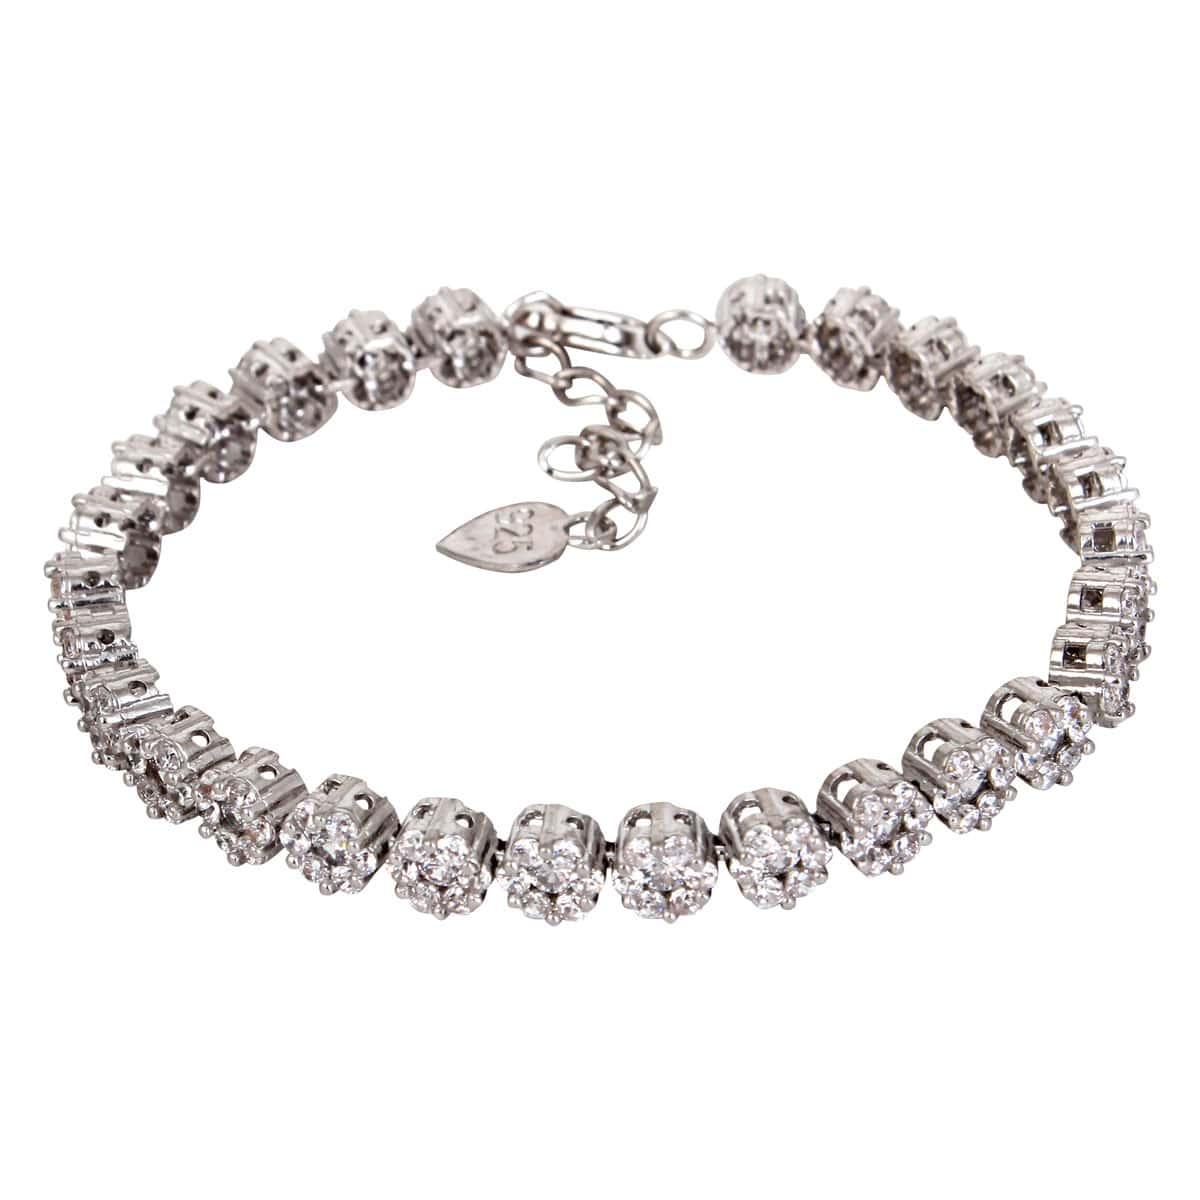 خرید دستبند نقره دخترانه نگین دار مدل آتنا